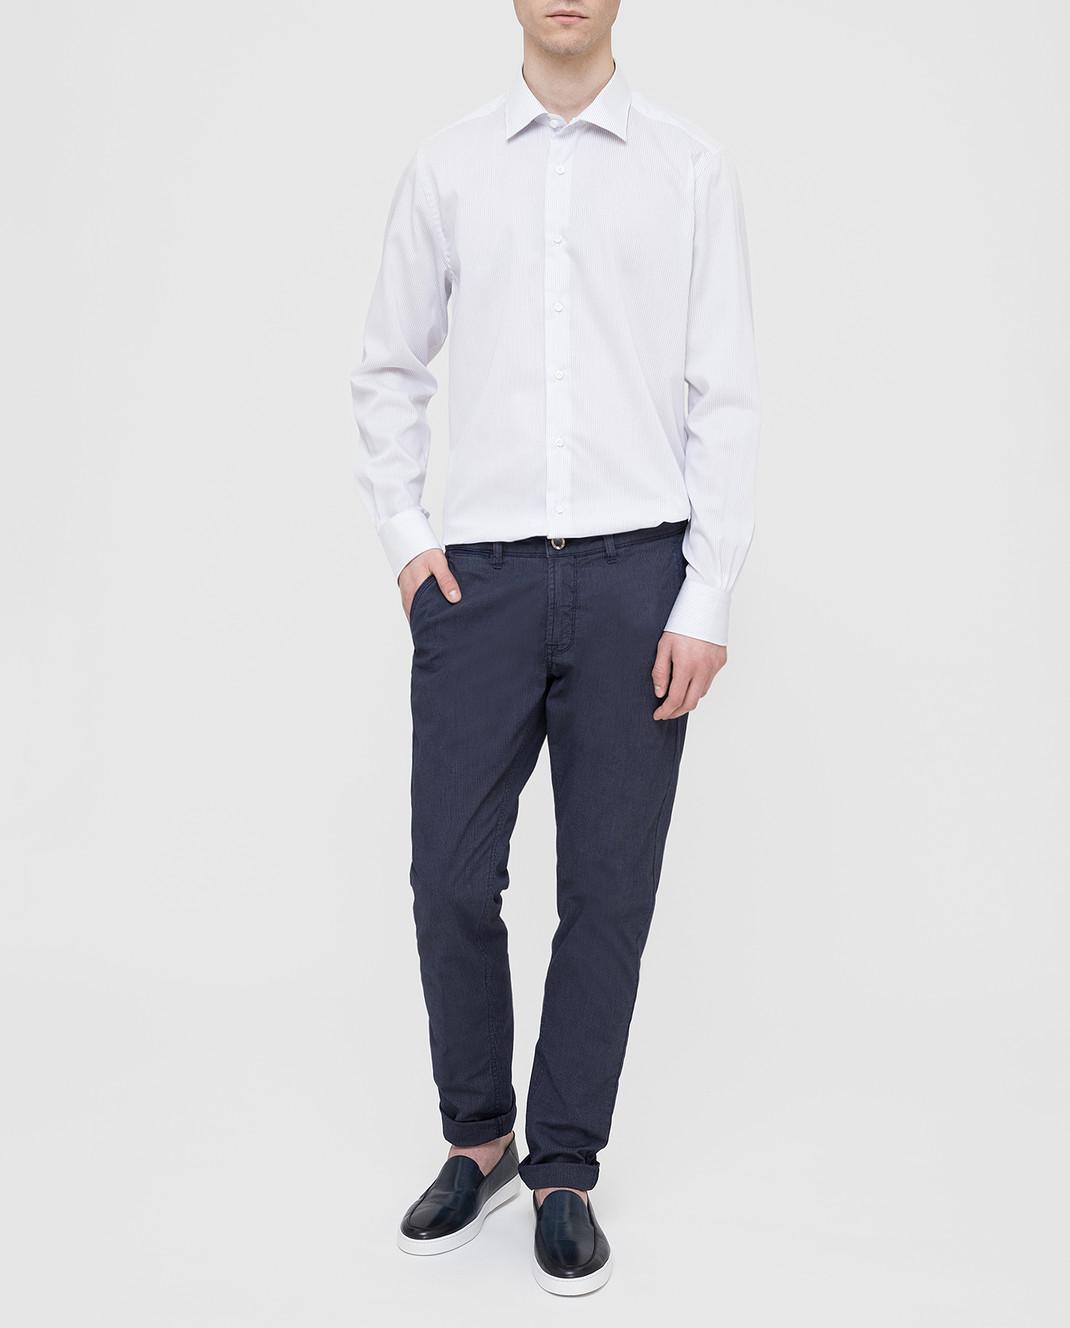 Carrel Белая рубашка изображение 2